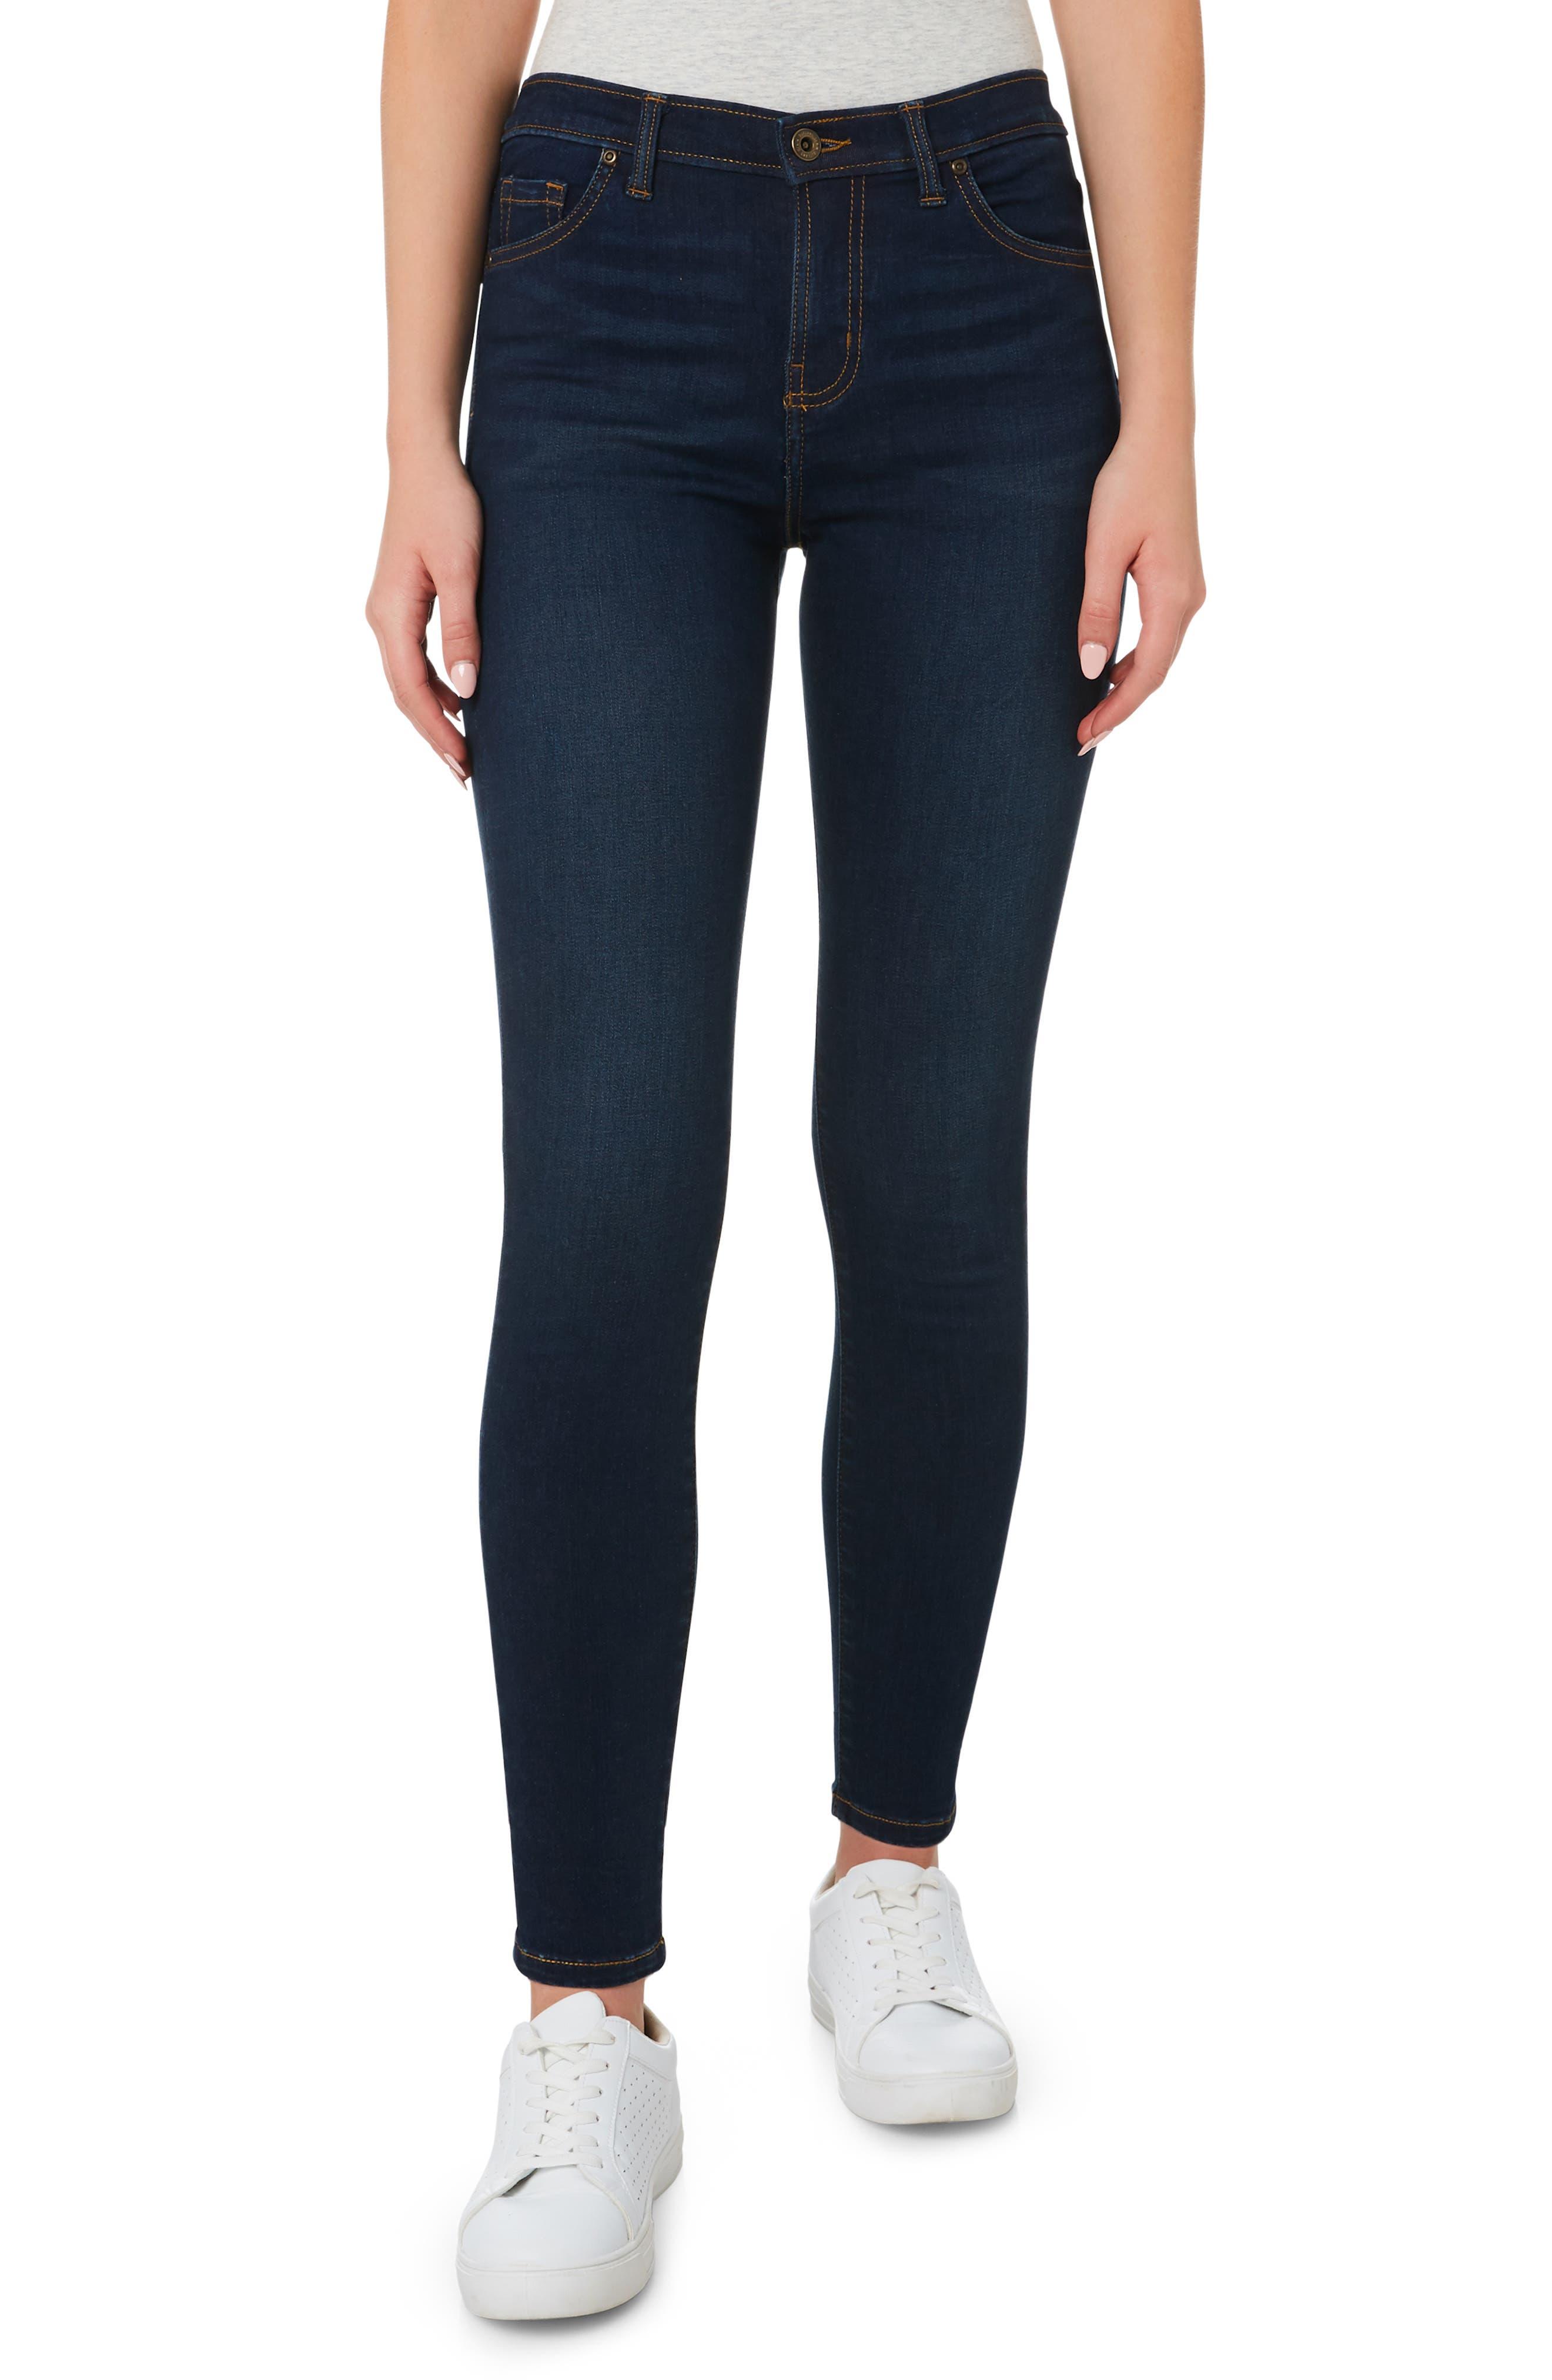 Image of Outland Denim Isabel Skinny Jeans